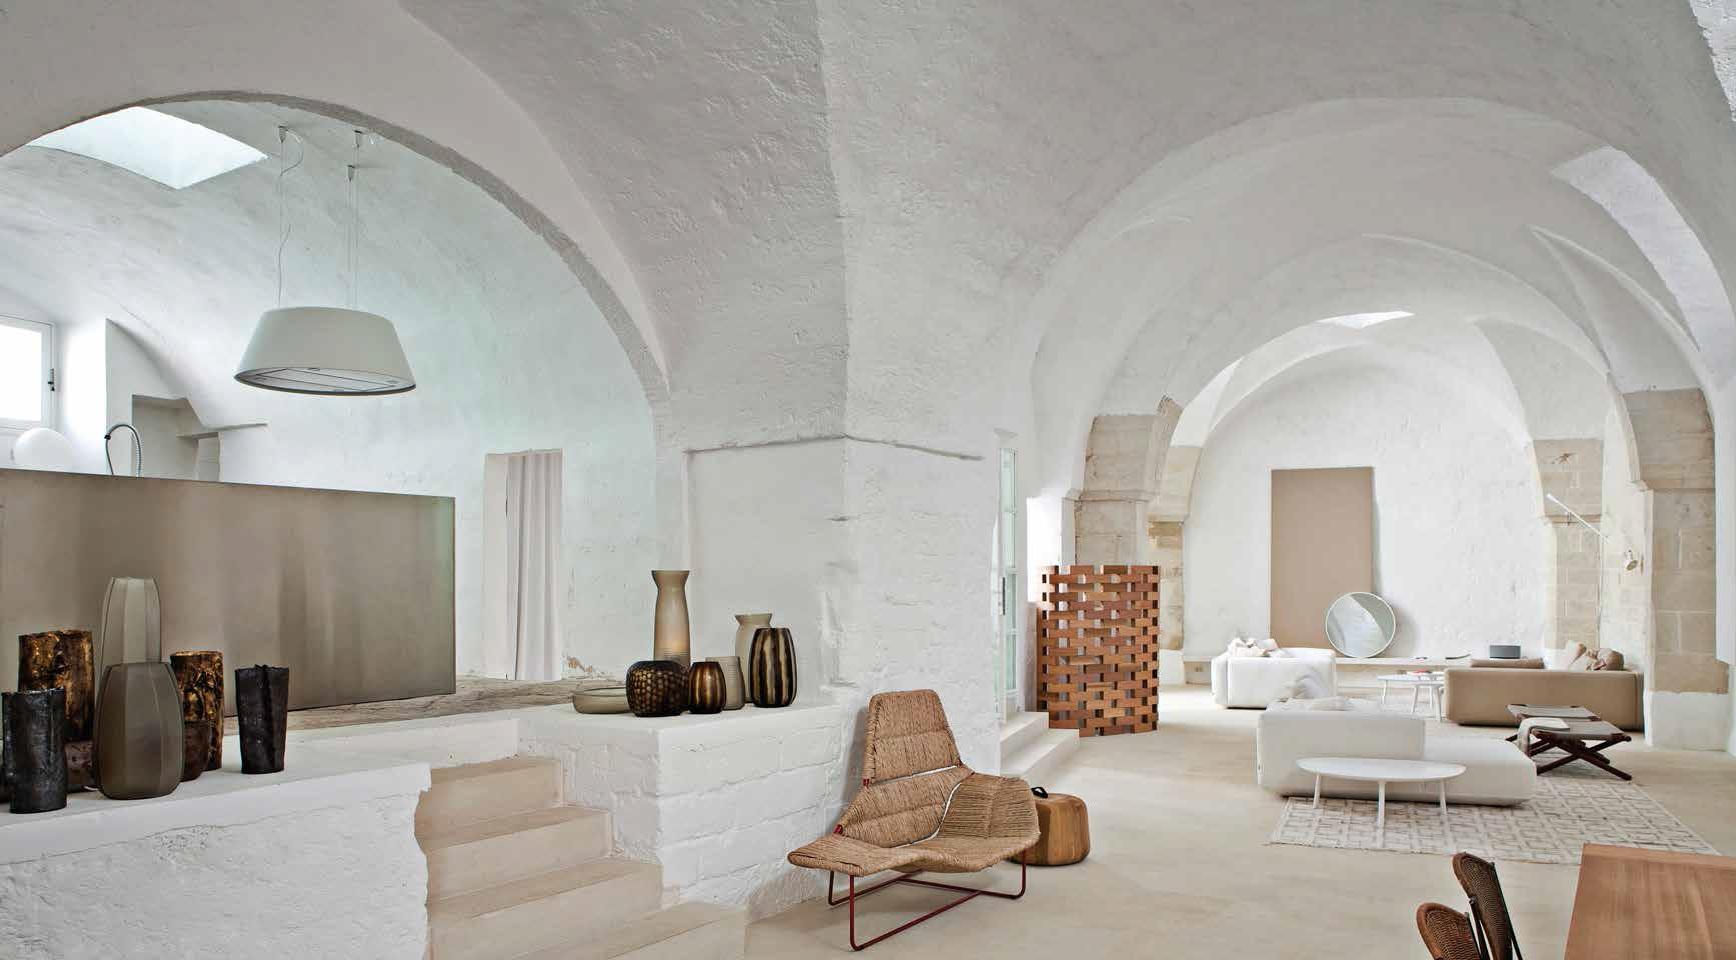 Casa in salento vivere in un frantoio ville casali for Piani di casa con soffitti a volta